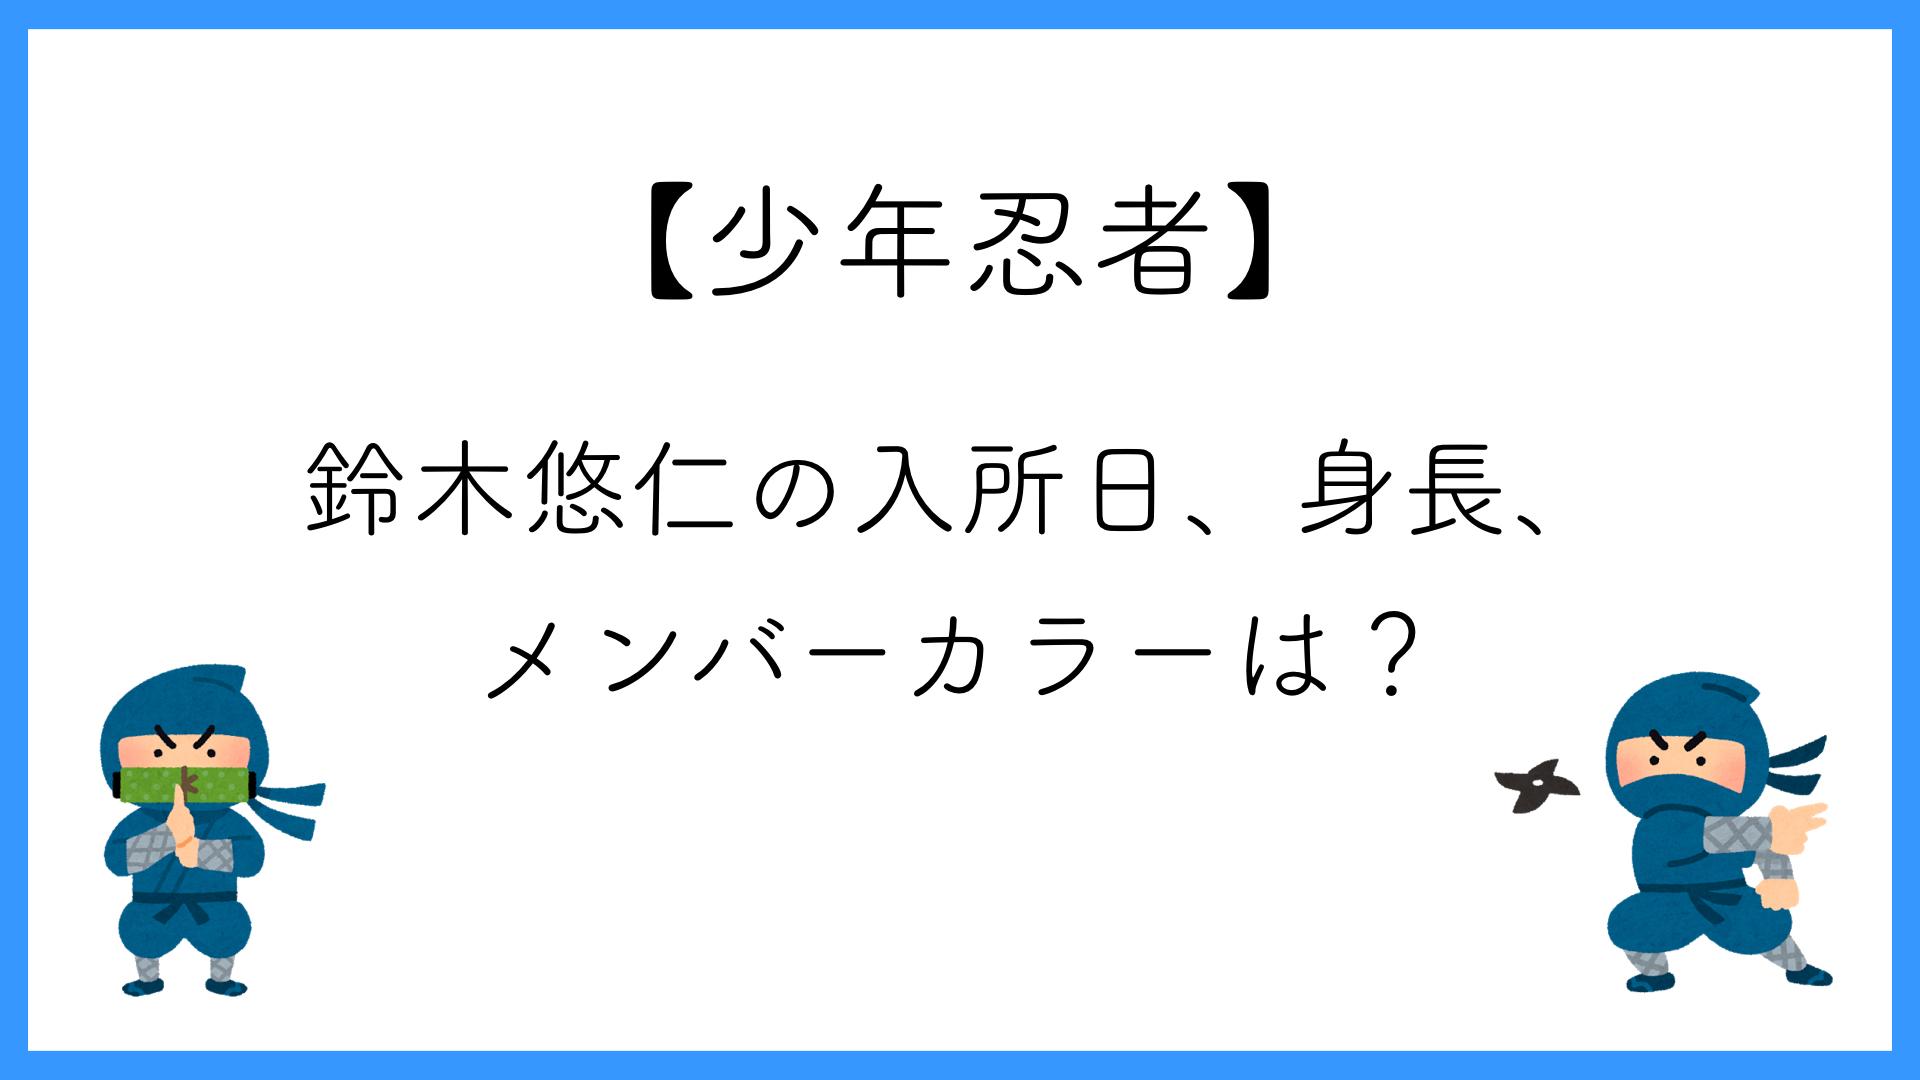 【少年忍者】鈴木悠仁の入所日、身長、メンバーカラーは?